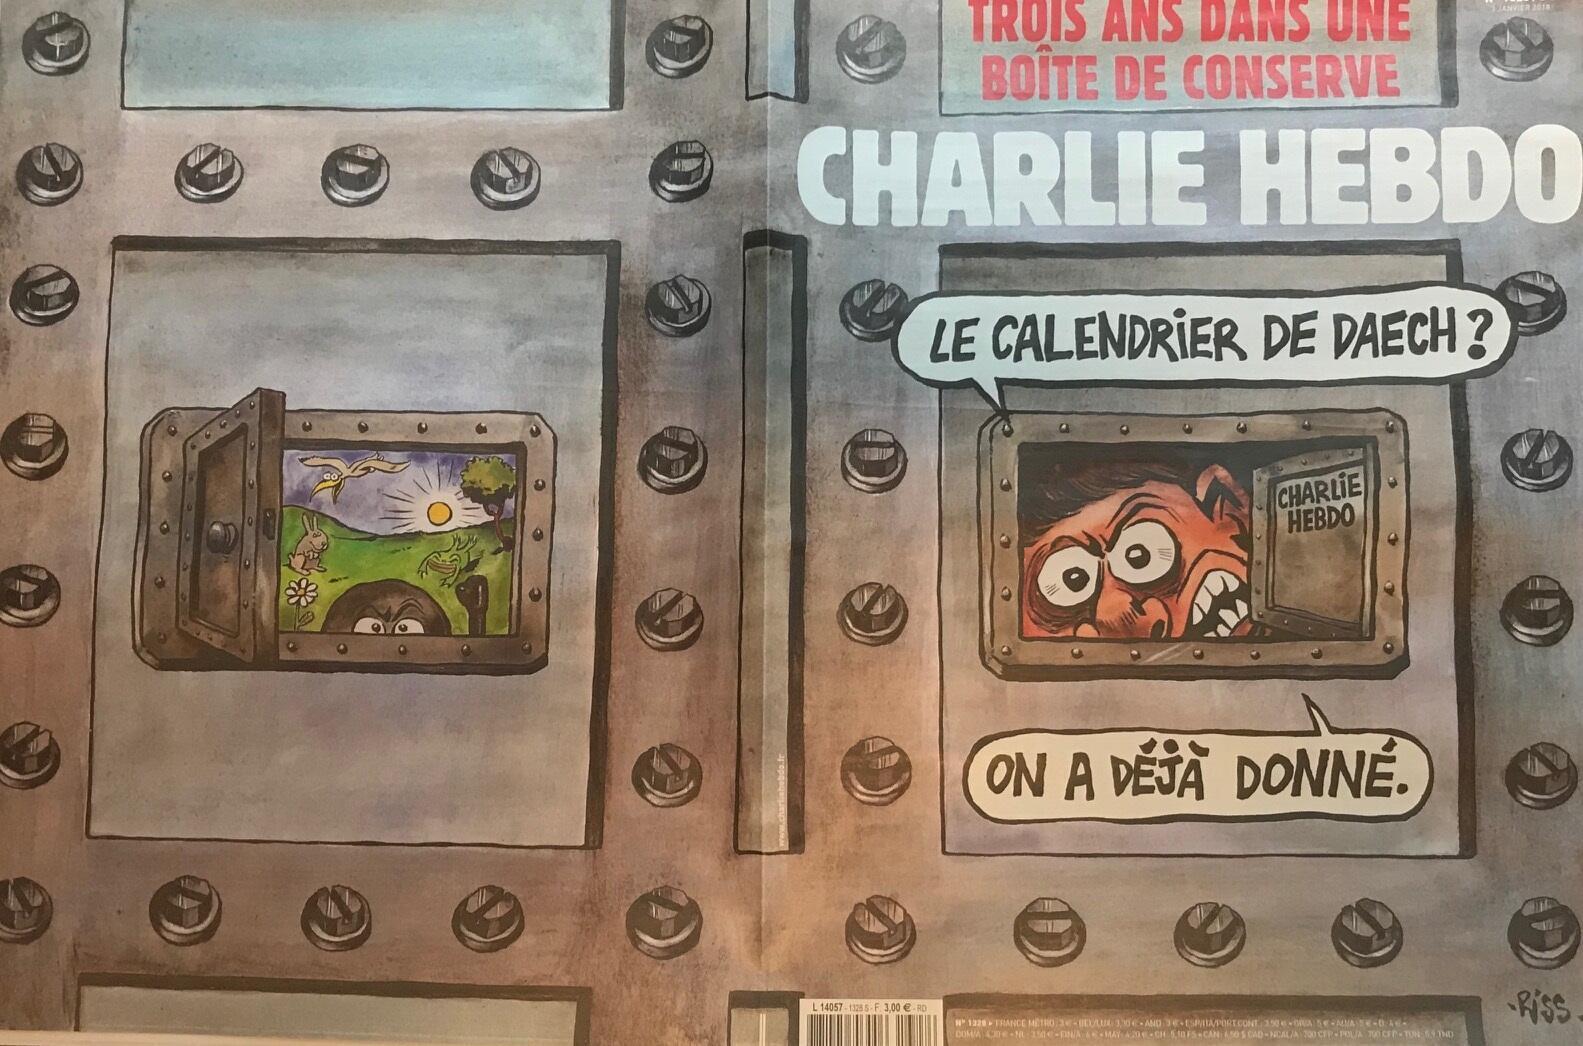 Primeira página do semanário satírico Charlie Hebdo de 3 janeiro, três anos após os atentados terroristas